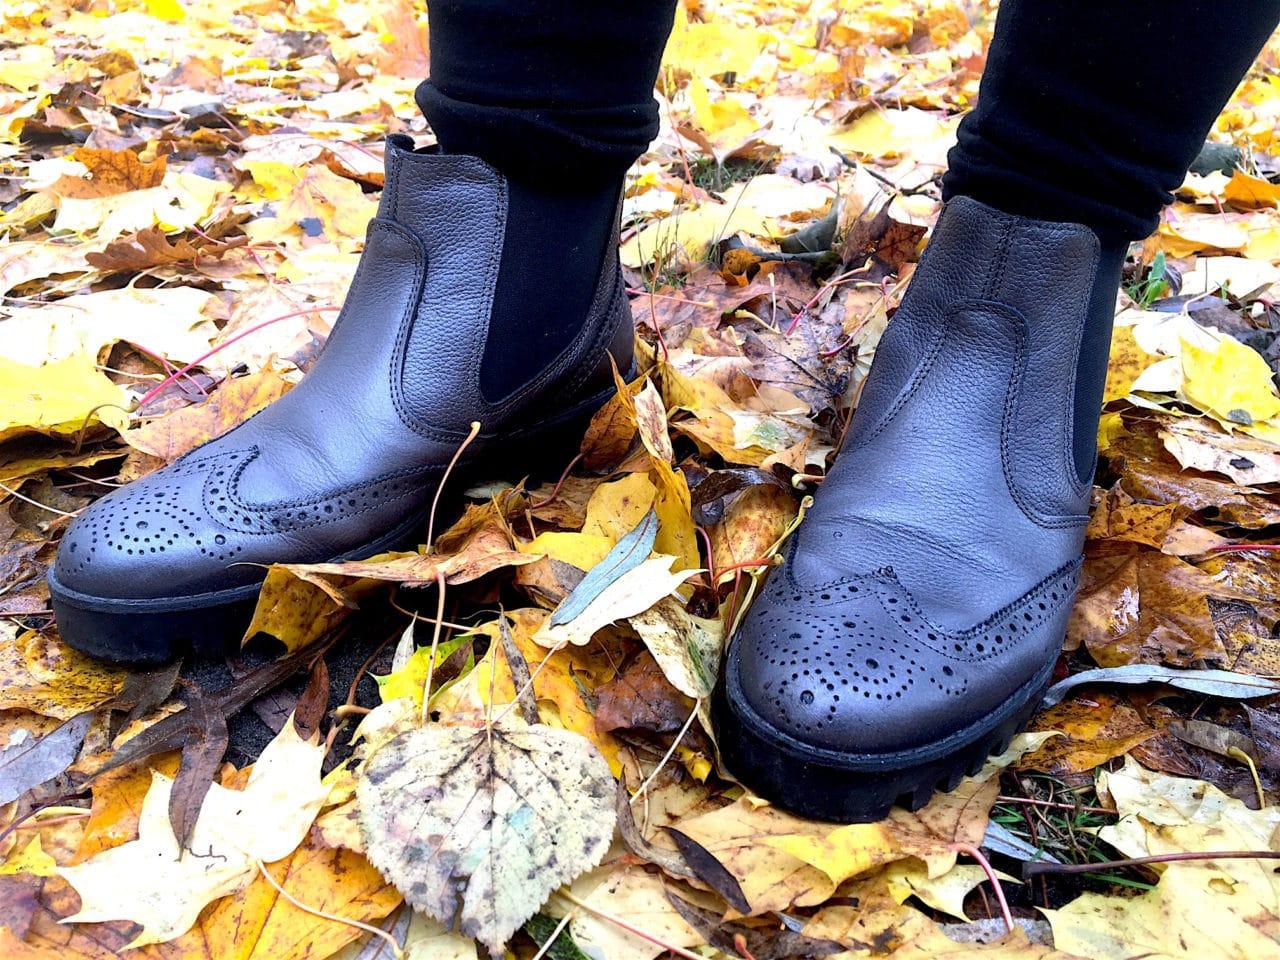 Der Herbst kann kommen, die Füße bleiben warm dank Salamander